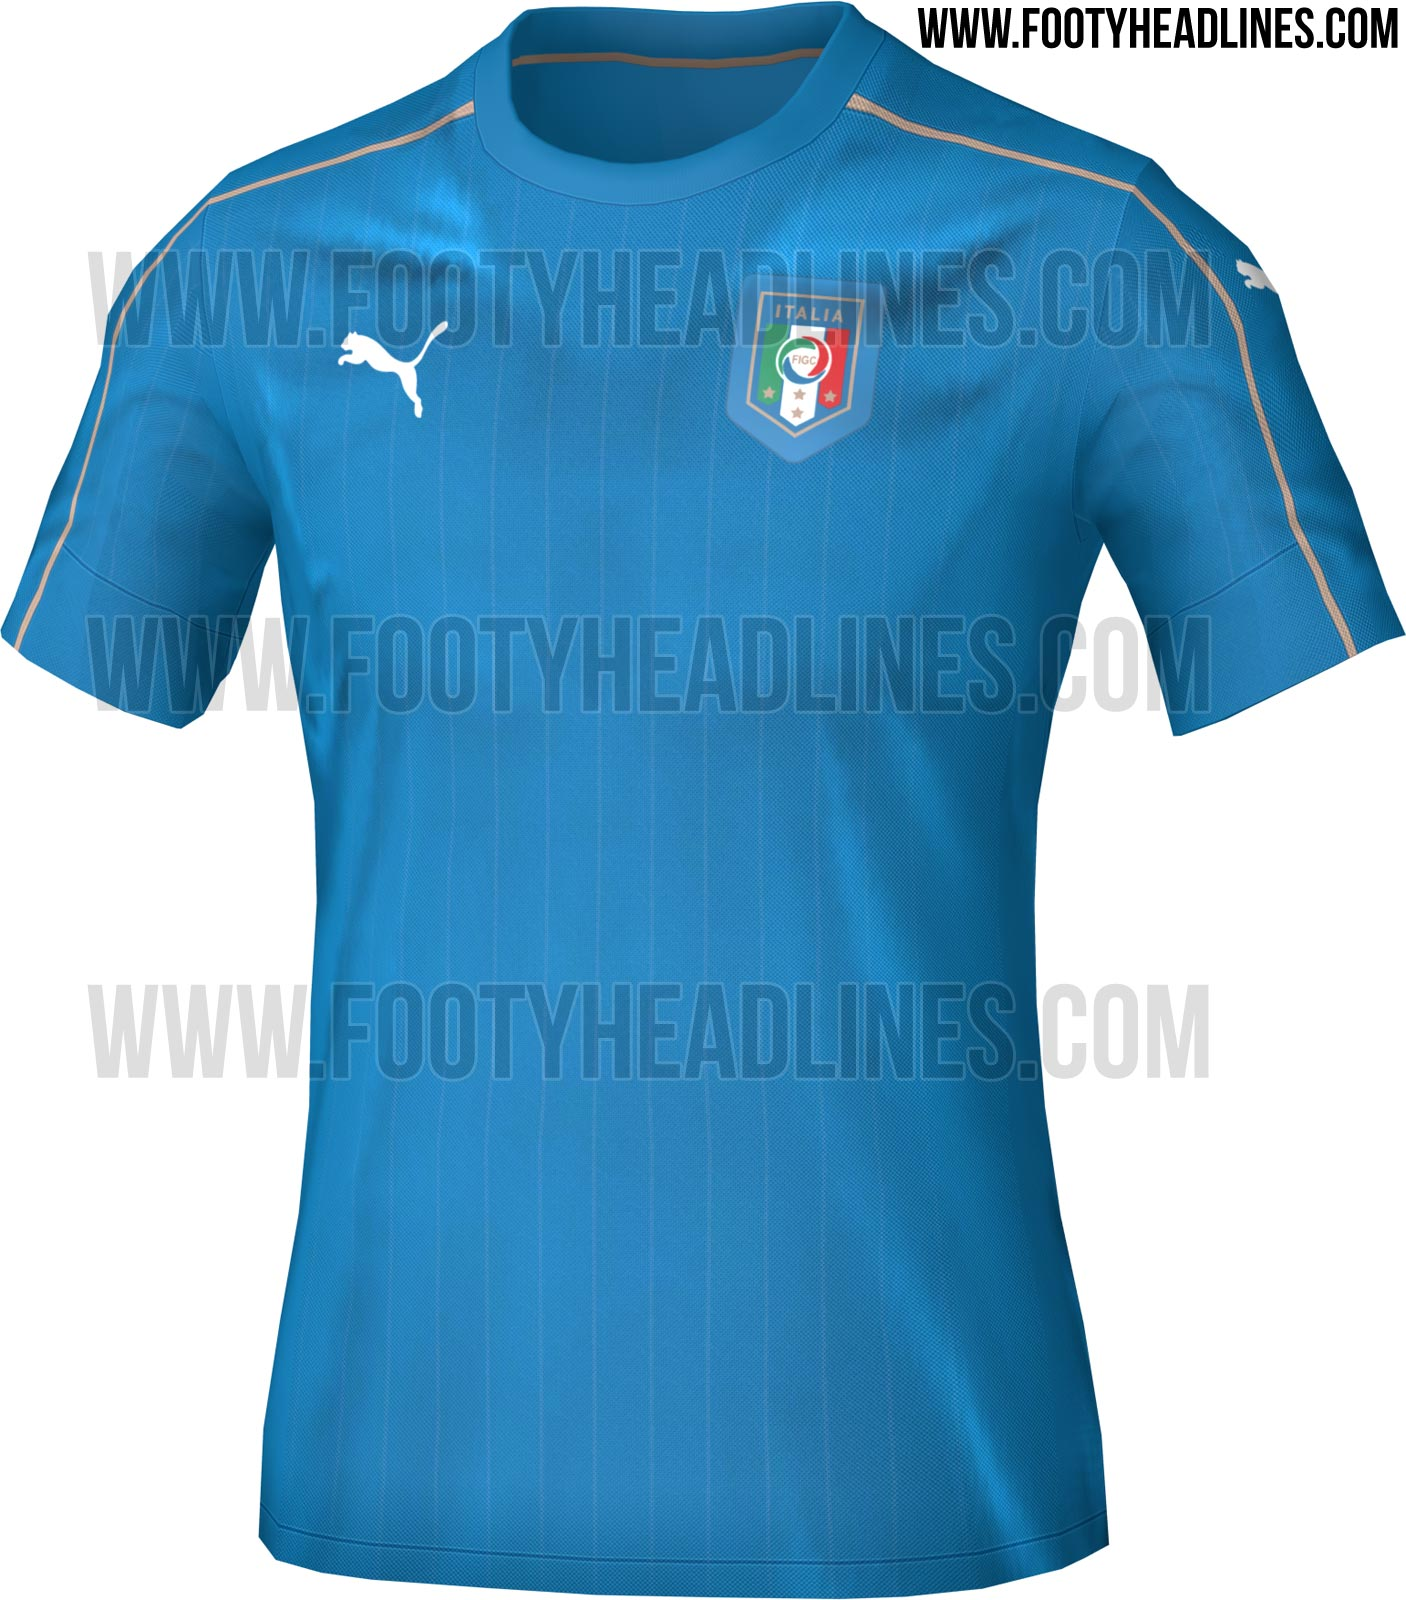 CalcioFino Della Nazionale A Di Acquista Maglietta Italiana Off72 1KJc3lTFu